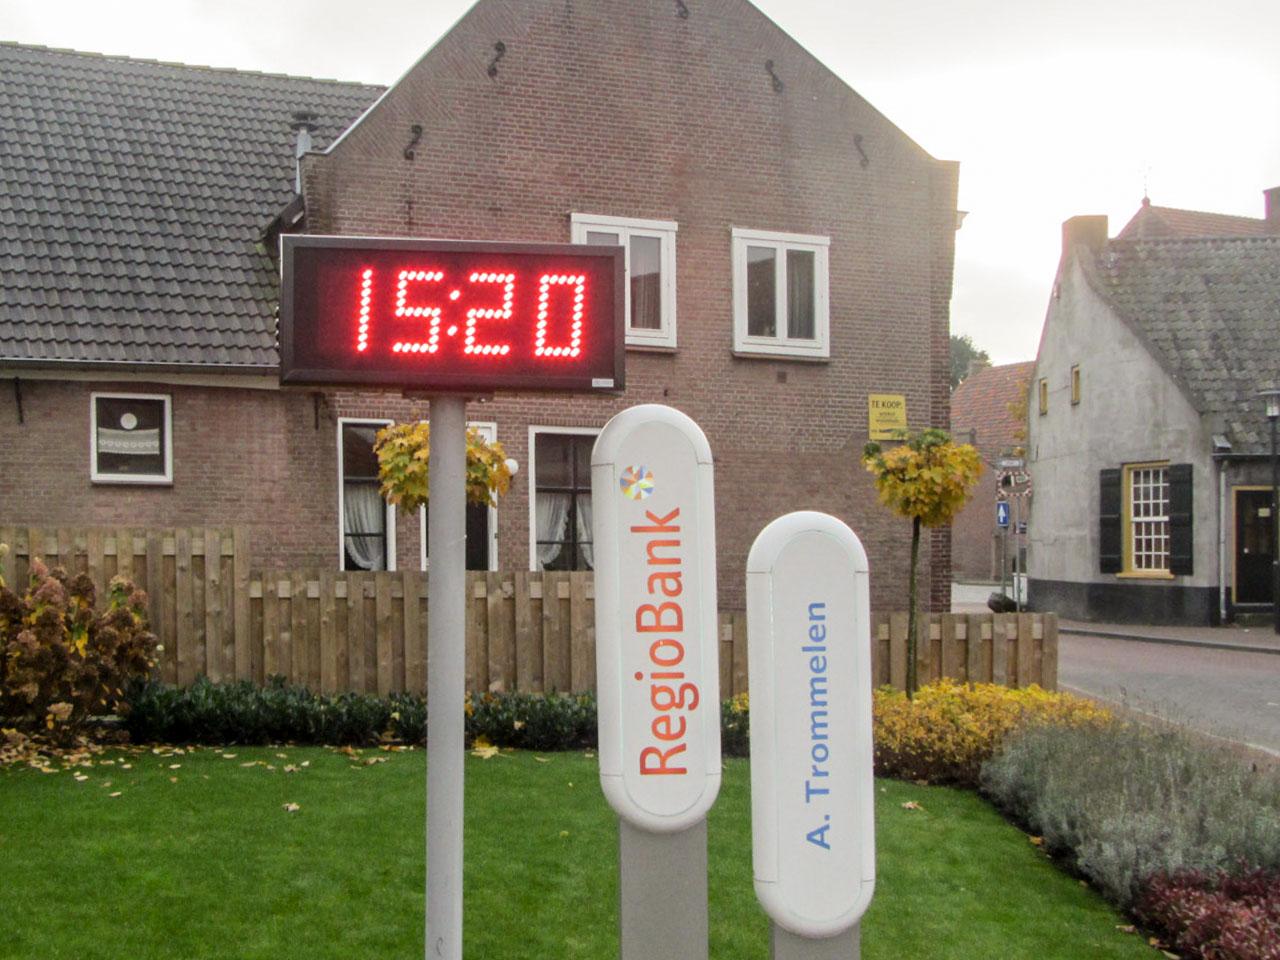 Tijd- en temperatuurdisplay